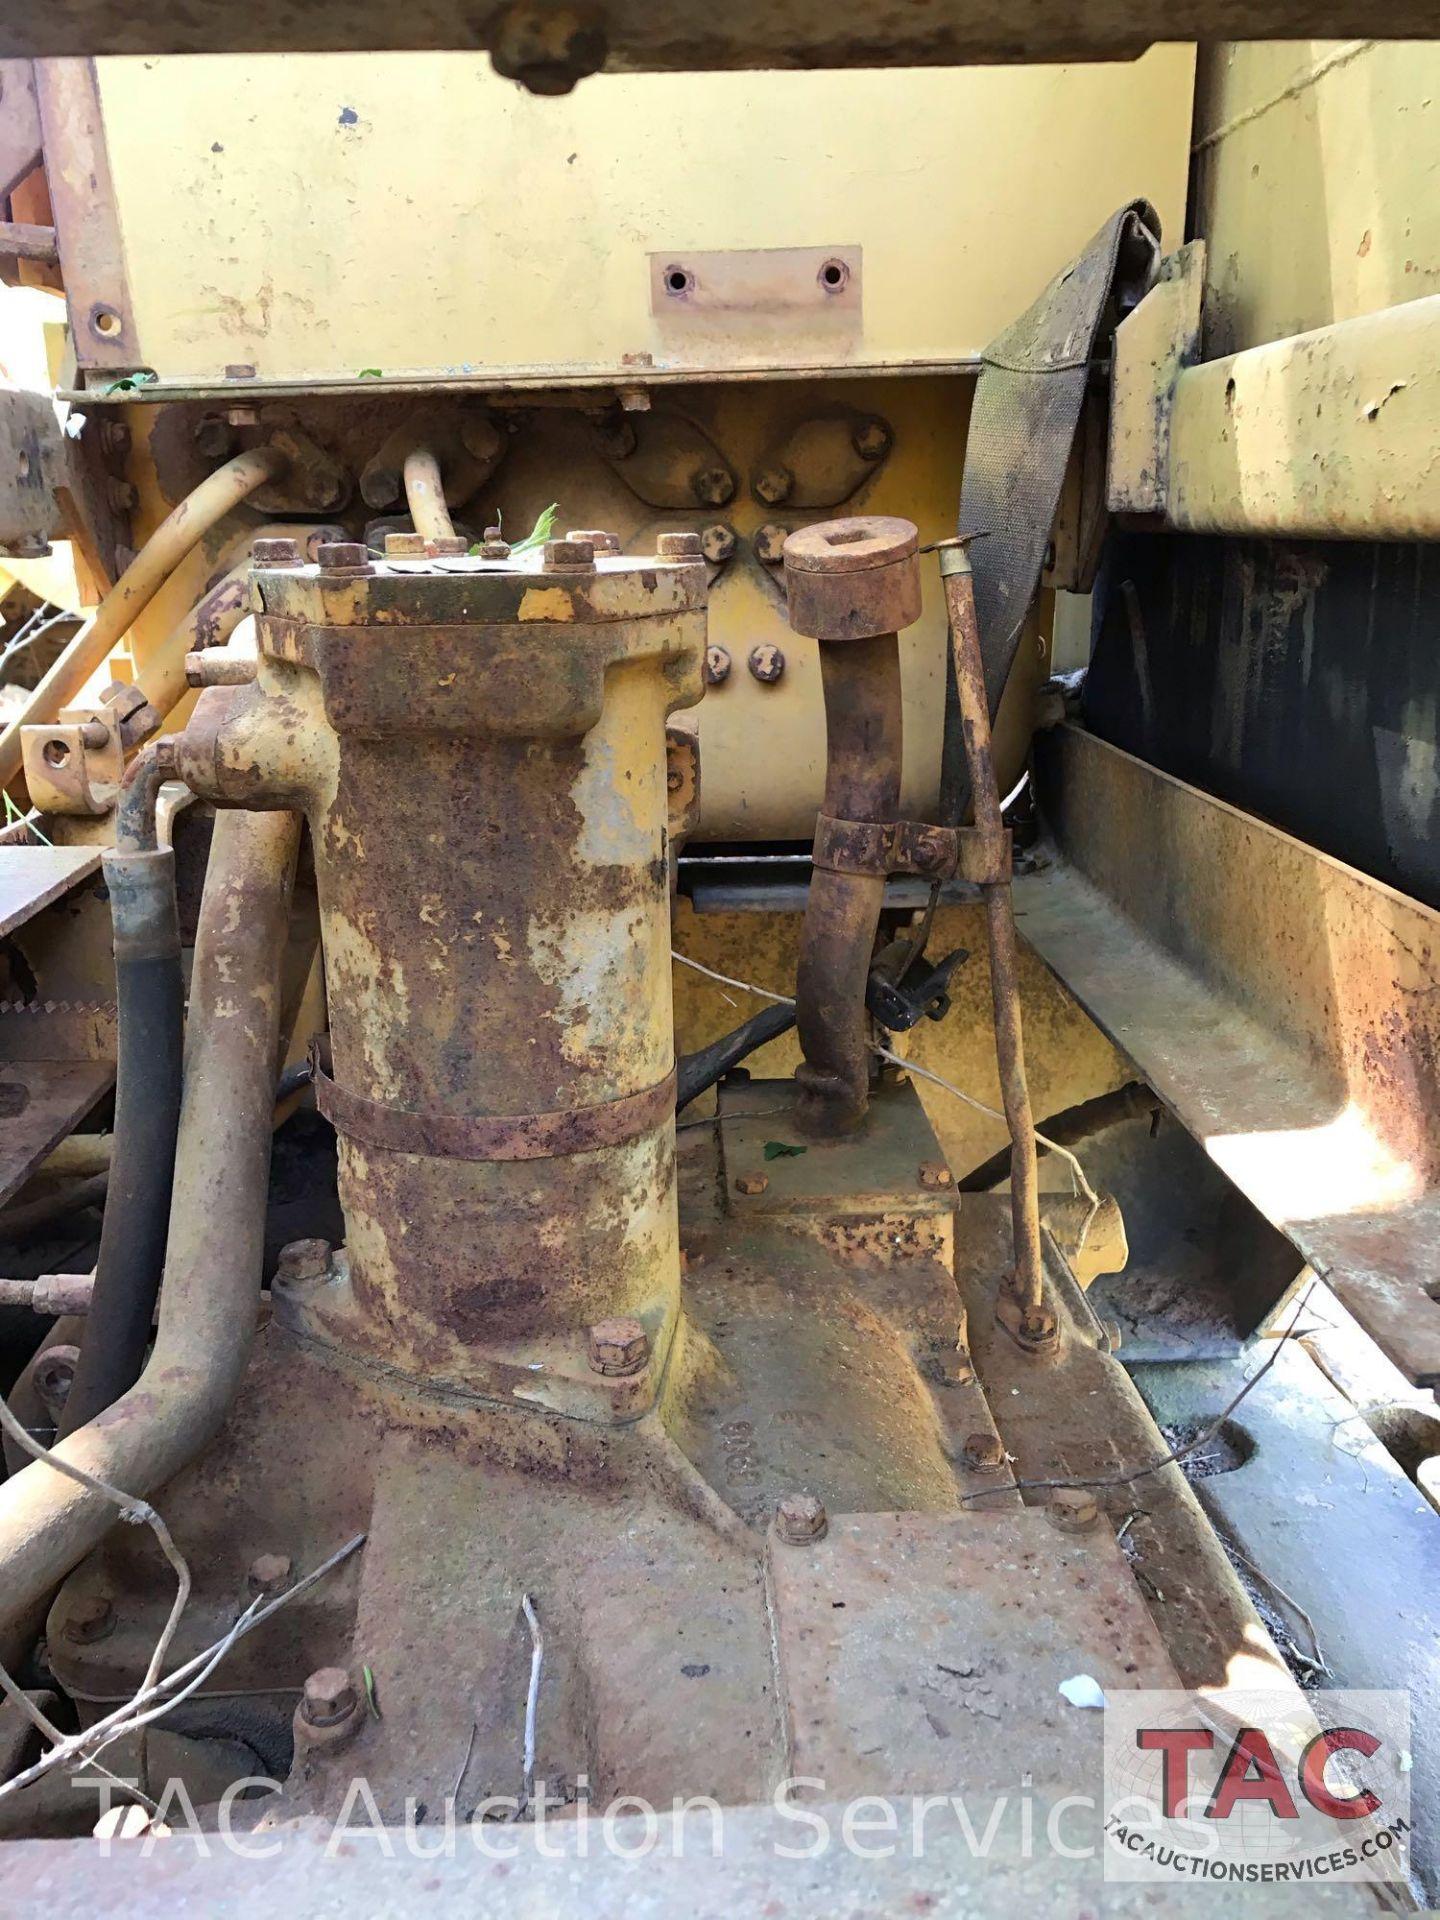 Cat 951c Track Loader - Image 19 of 40